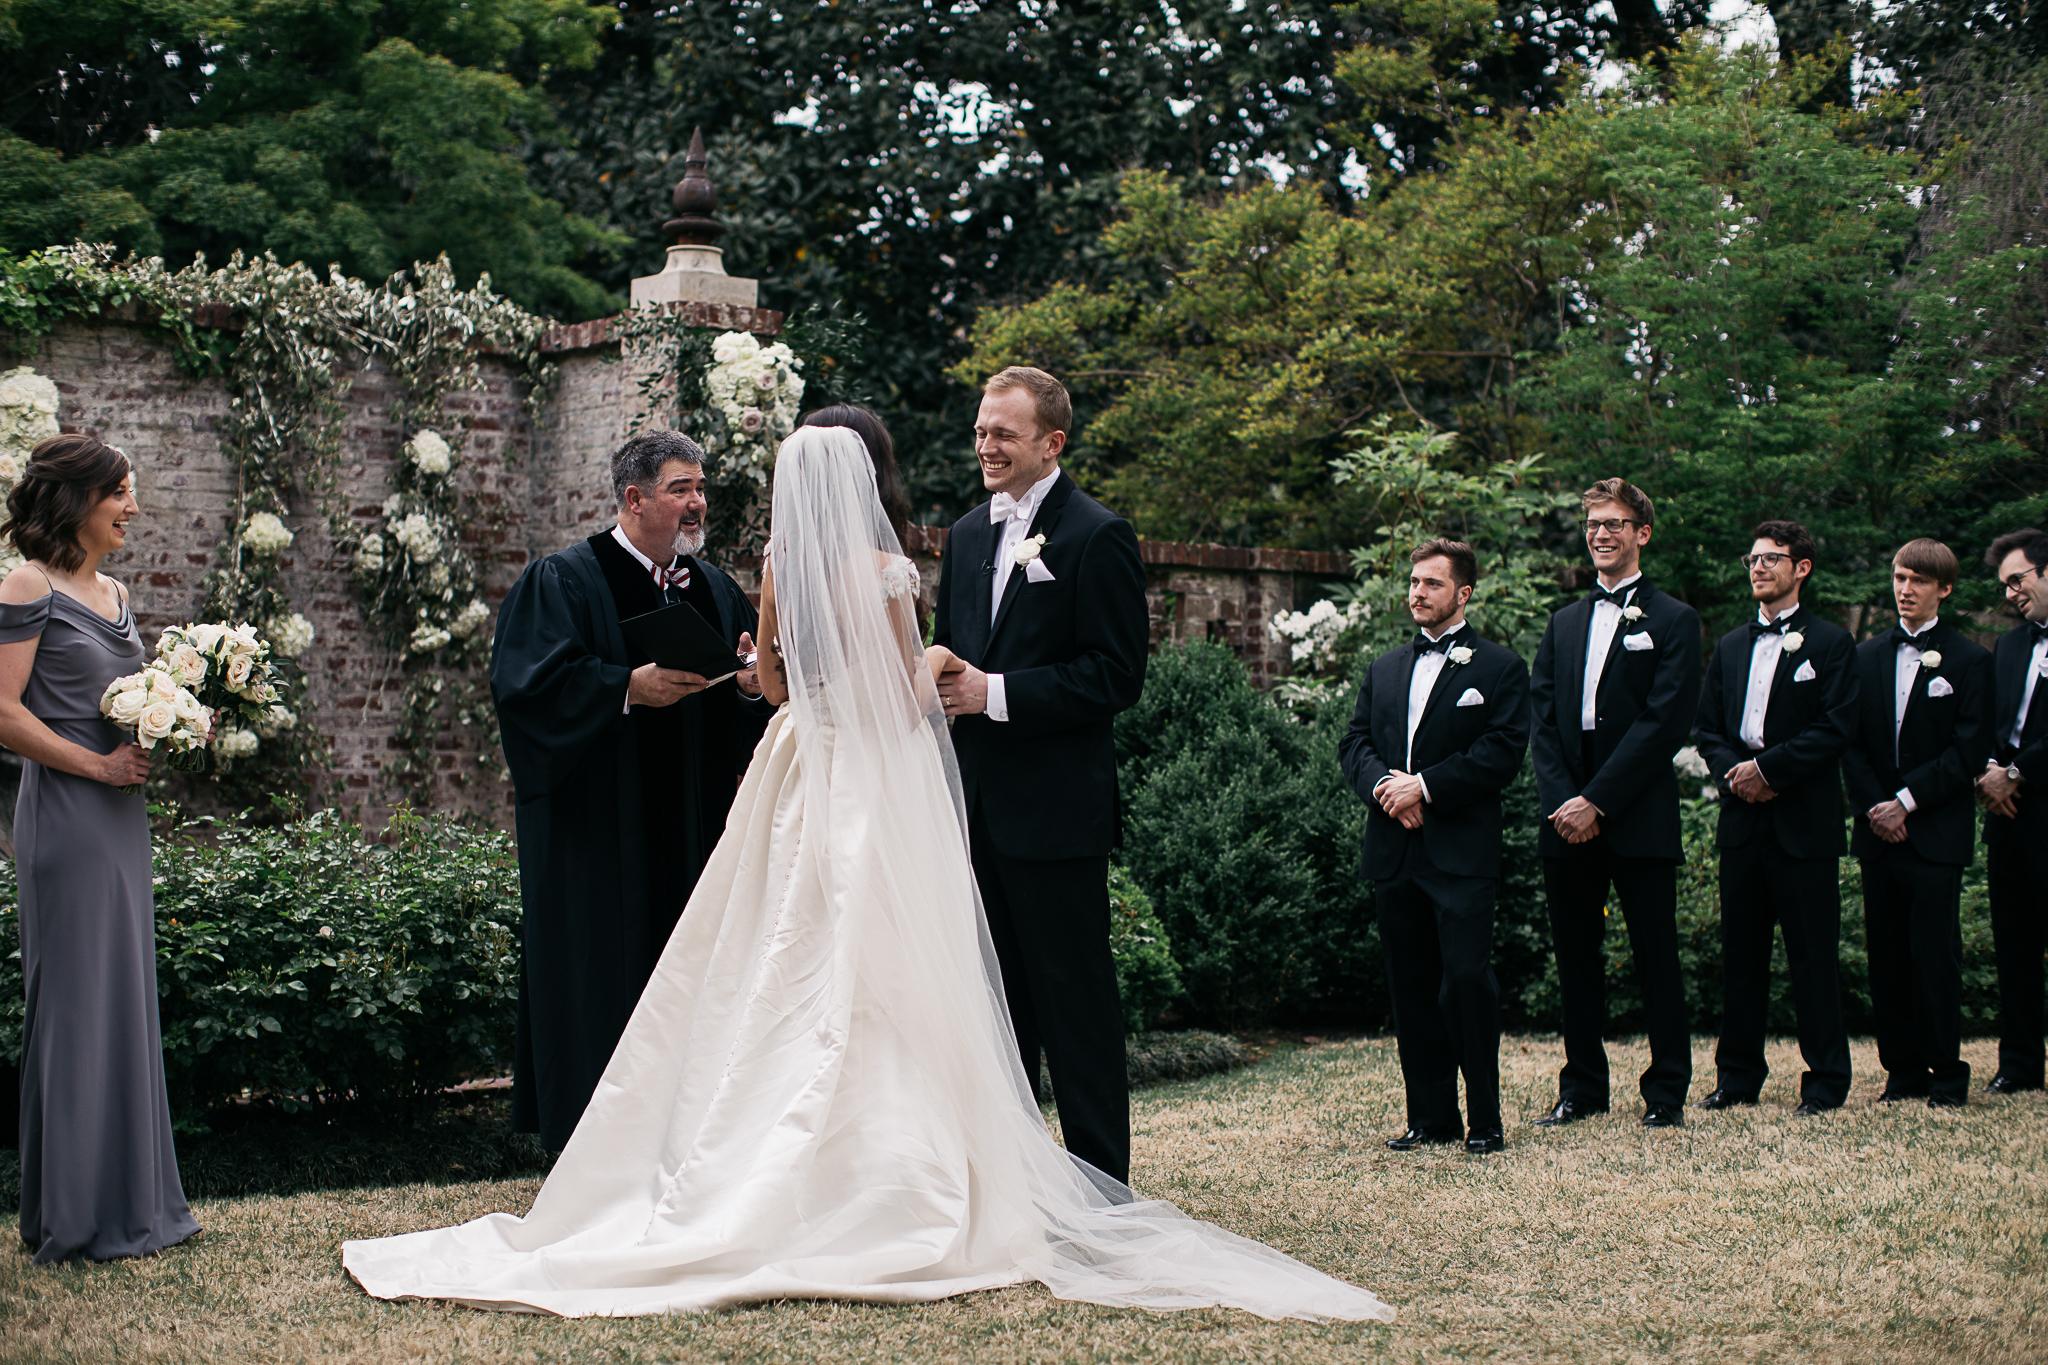 HannahandAndrew-thewarmtharoundyou-wedding13.jpg